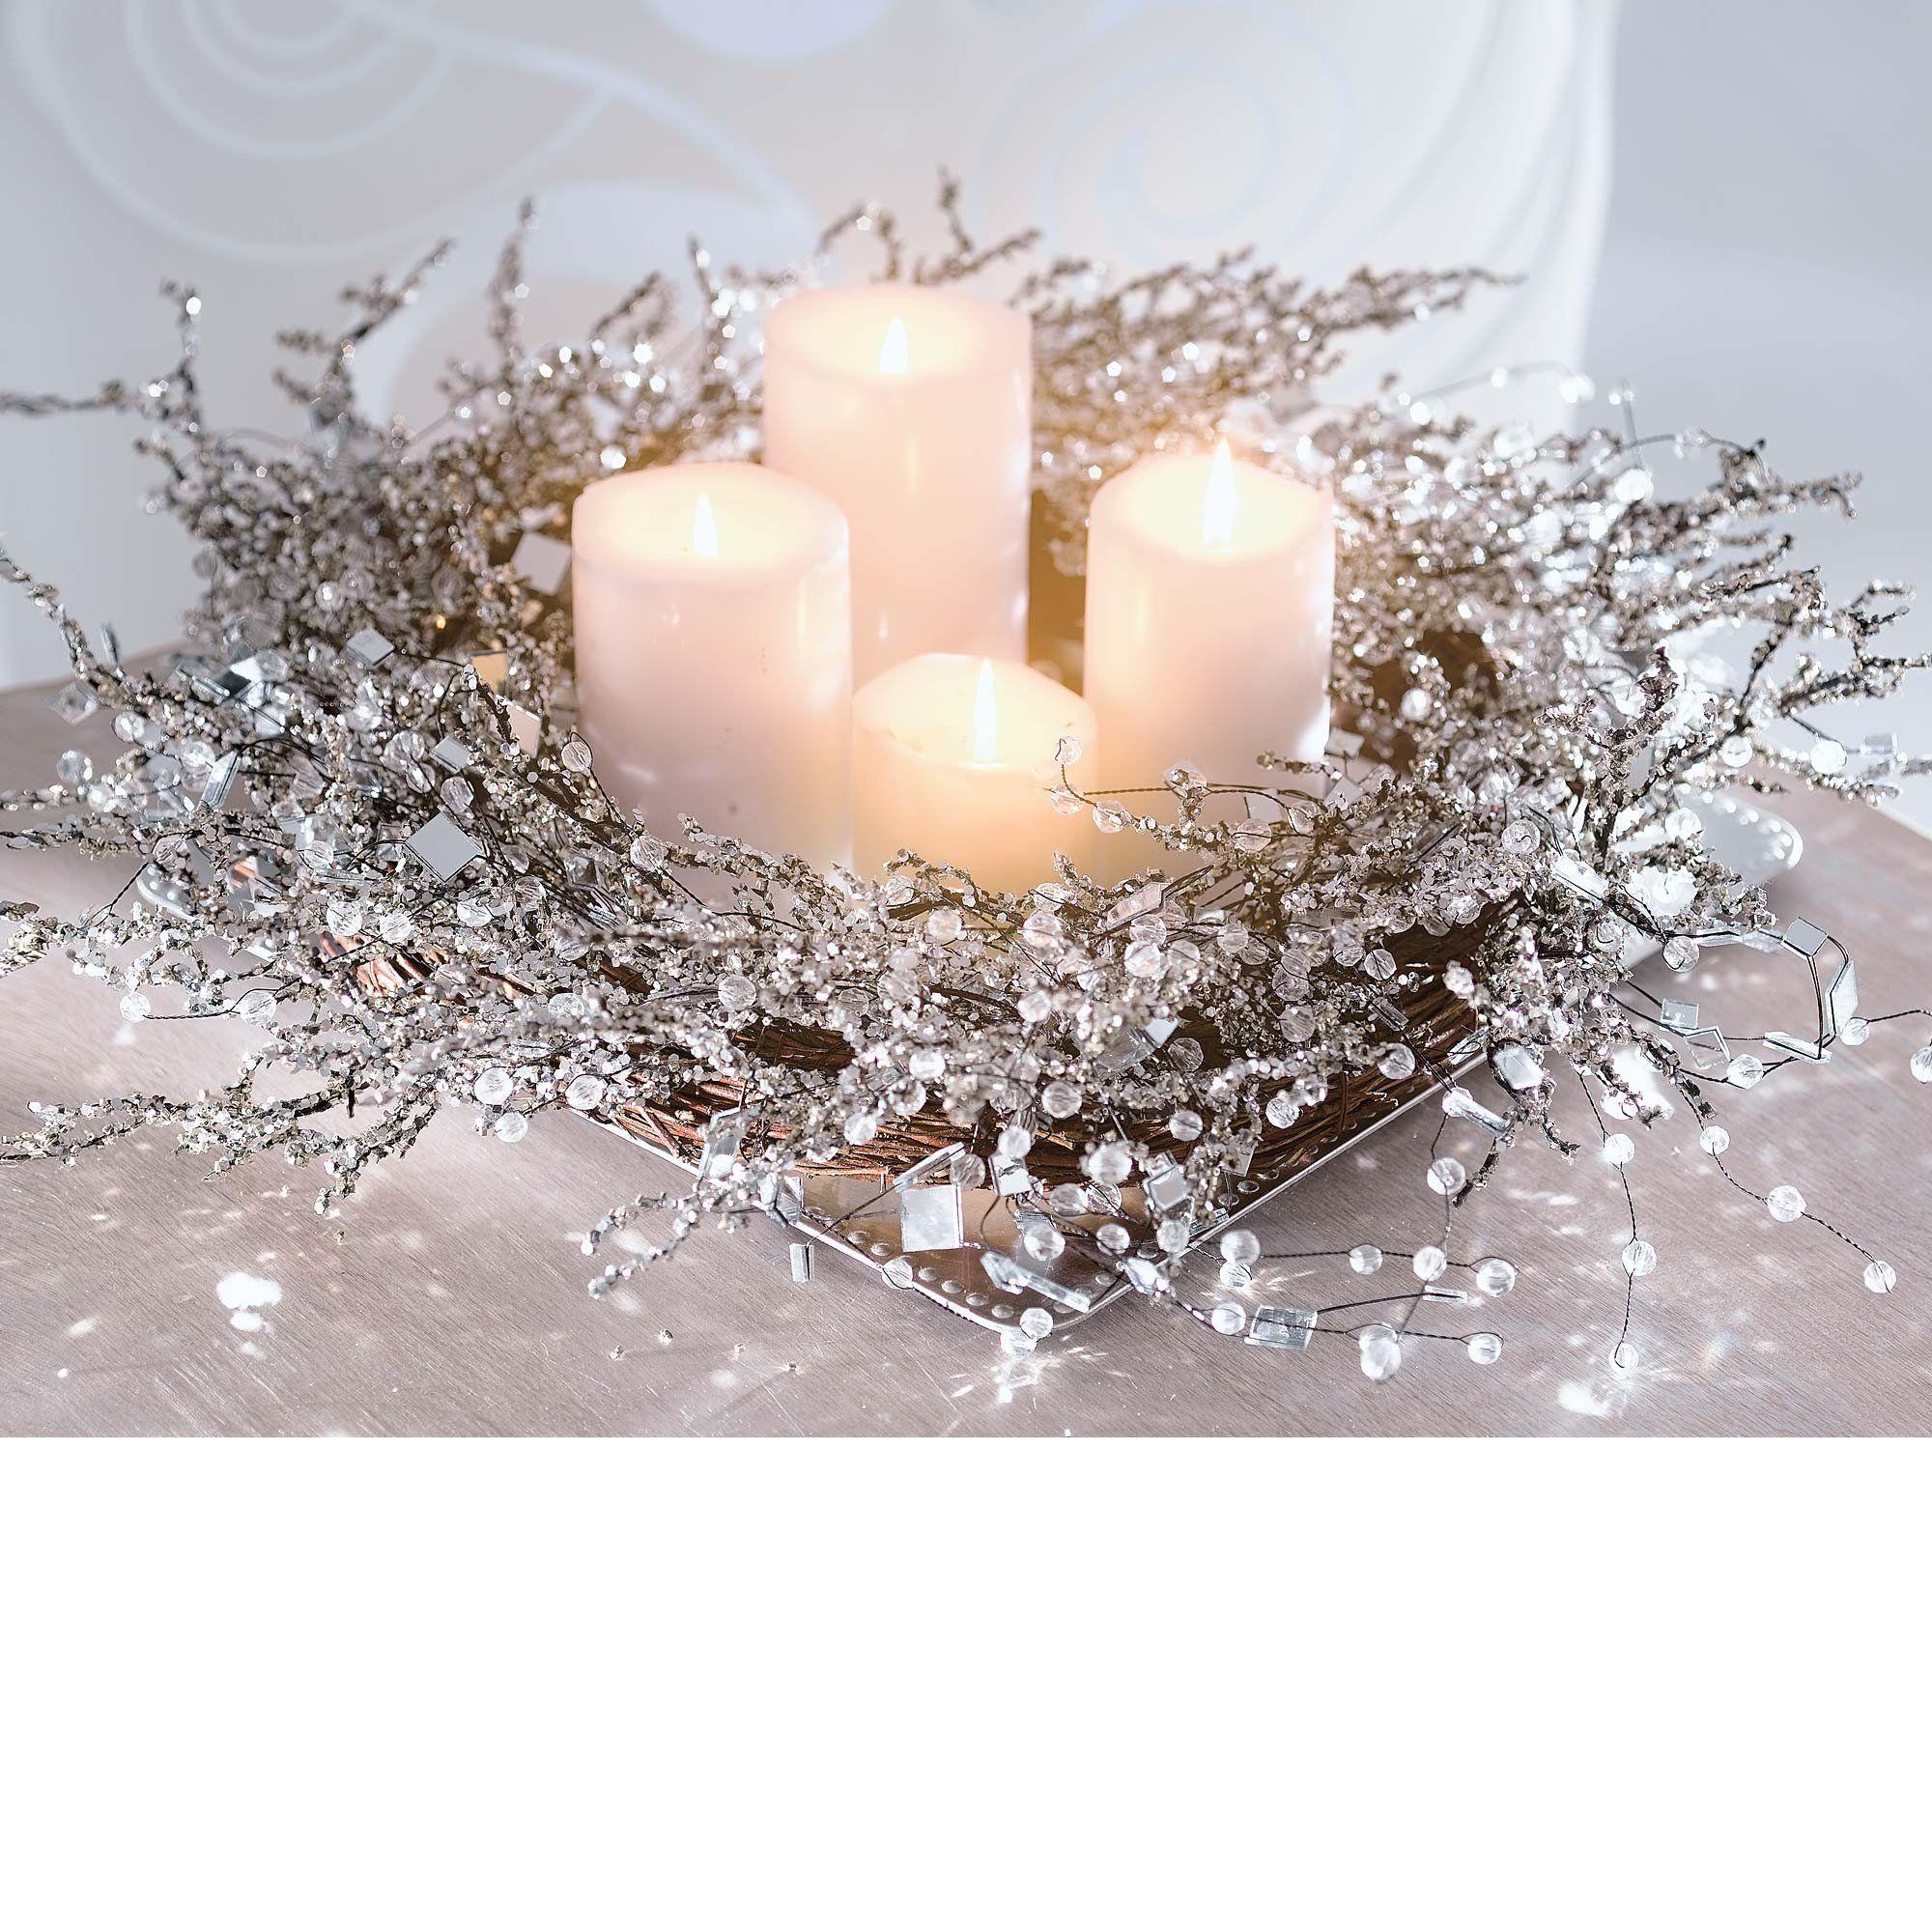 Centrotavola Natalizi Amazon.Ghirlanda Decorativa Snowglitter Ornata Di Cristalli Ca 50cm O